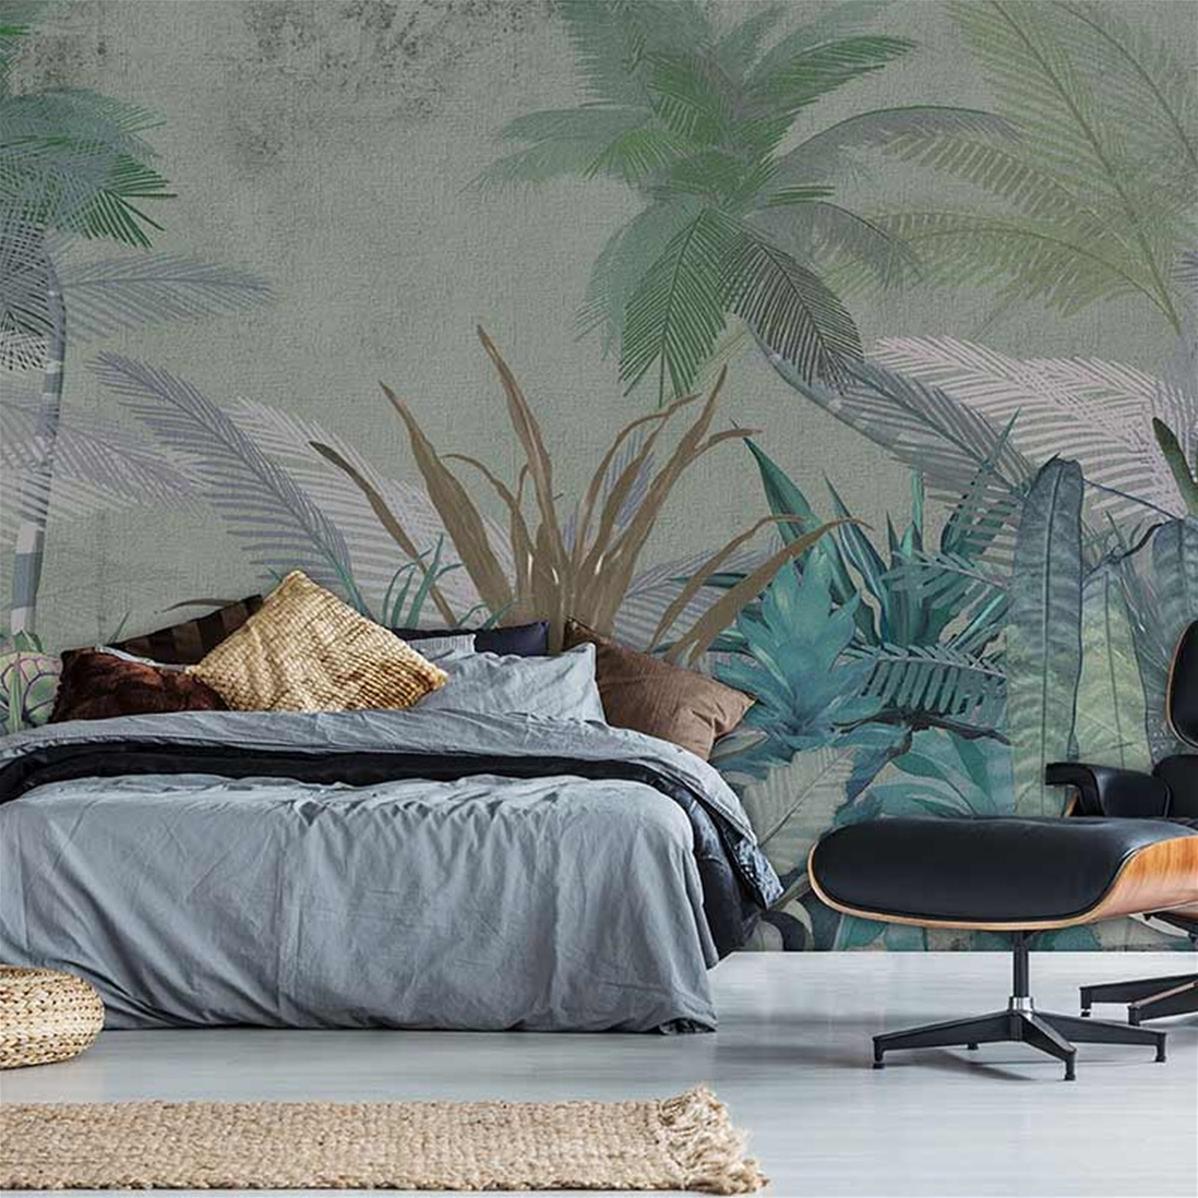 Papier peint jungle chambre sur-mesure, papier peint jungle | Muraem